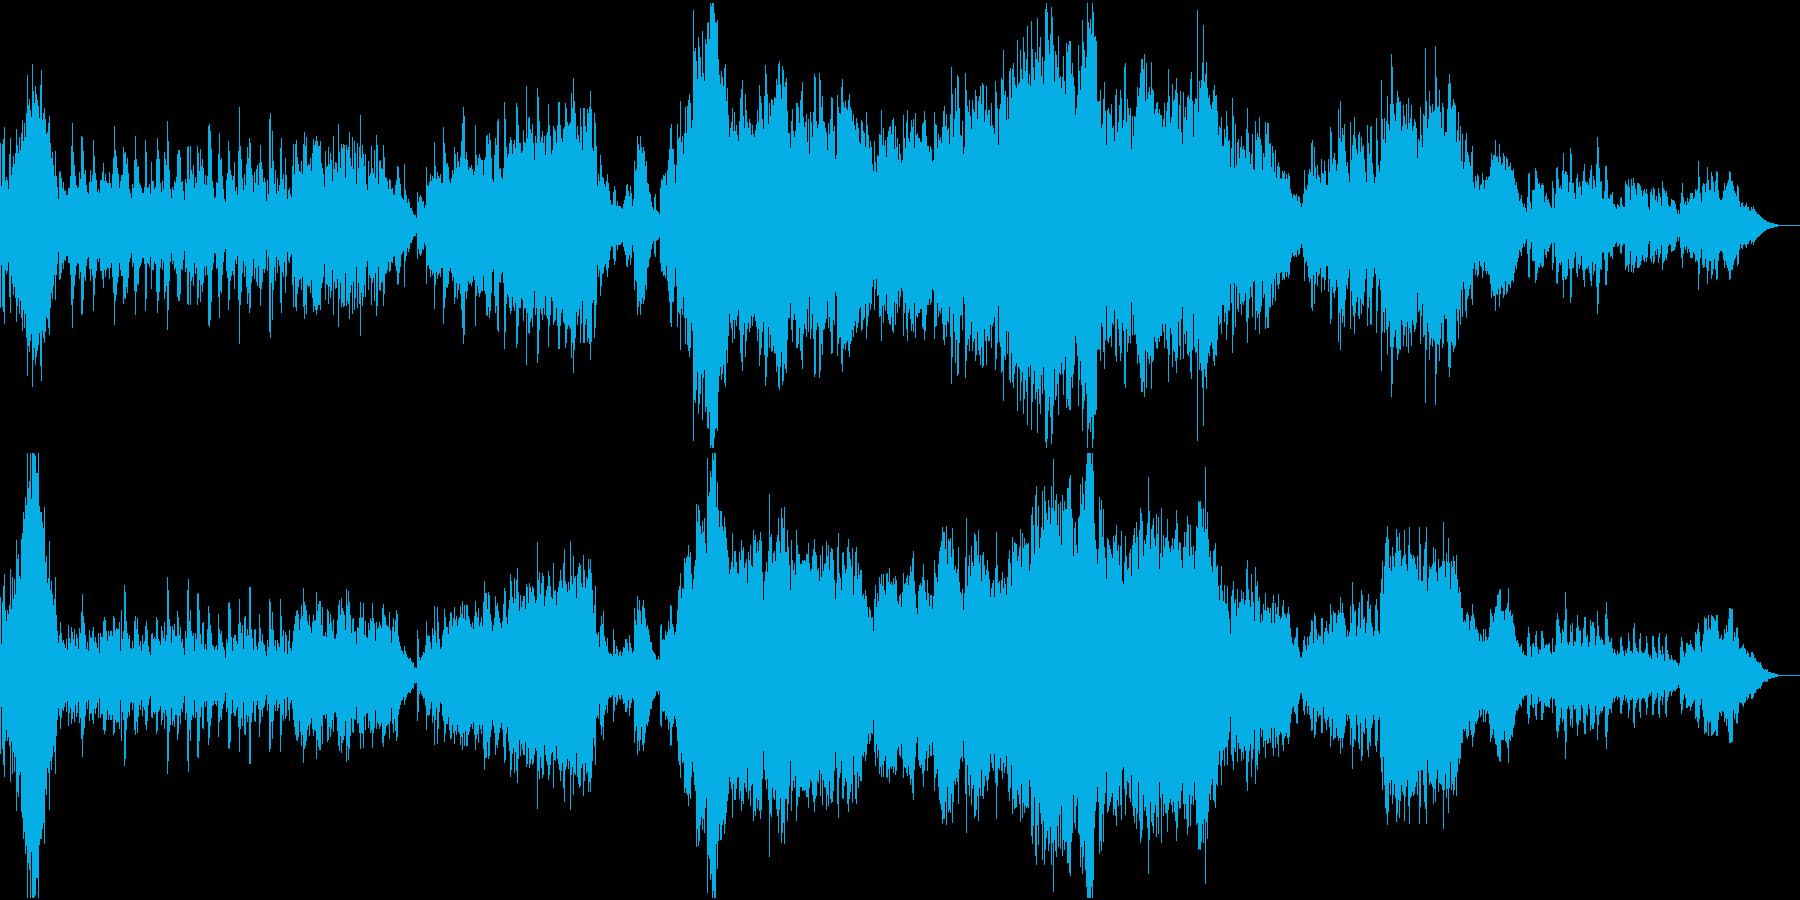 ピアノをメインとした可愛いクリスマス曲の再生済みの波形